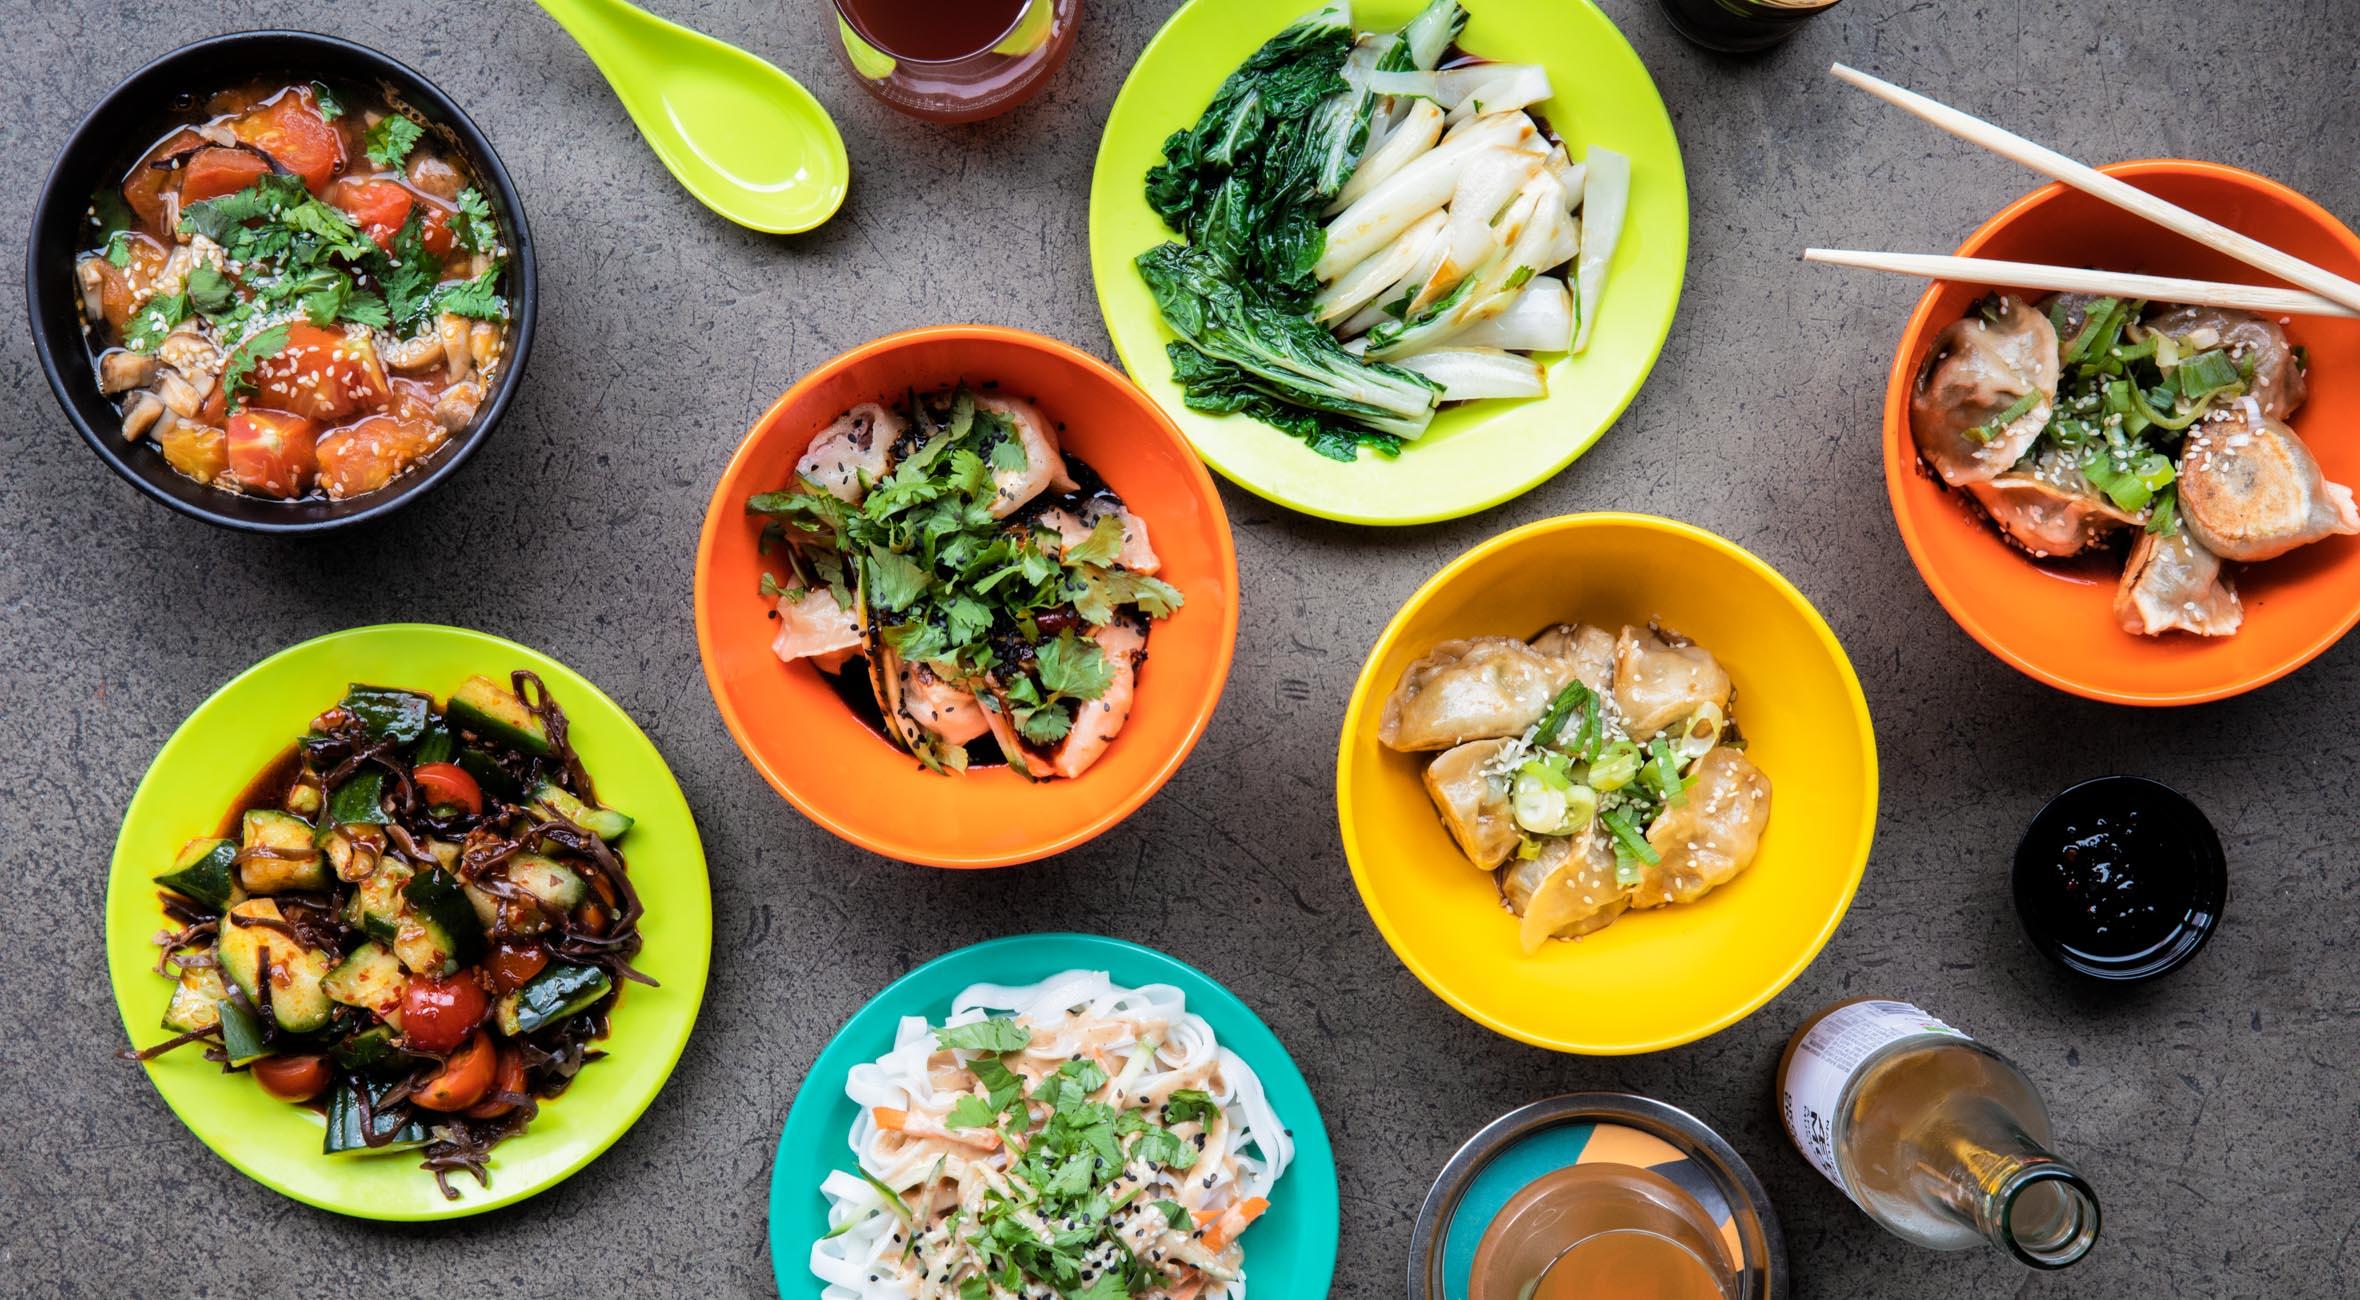 Dumplings, sides & drikke for 2 personer hos GAO på Vesterbro – Kåret som ét af Europas 50 bedste kinesiske spisesteder